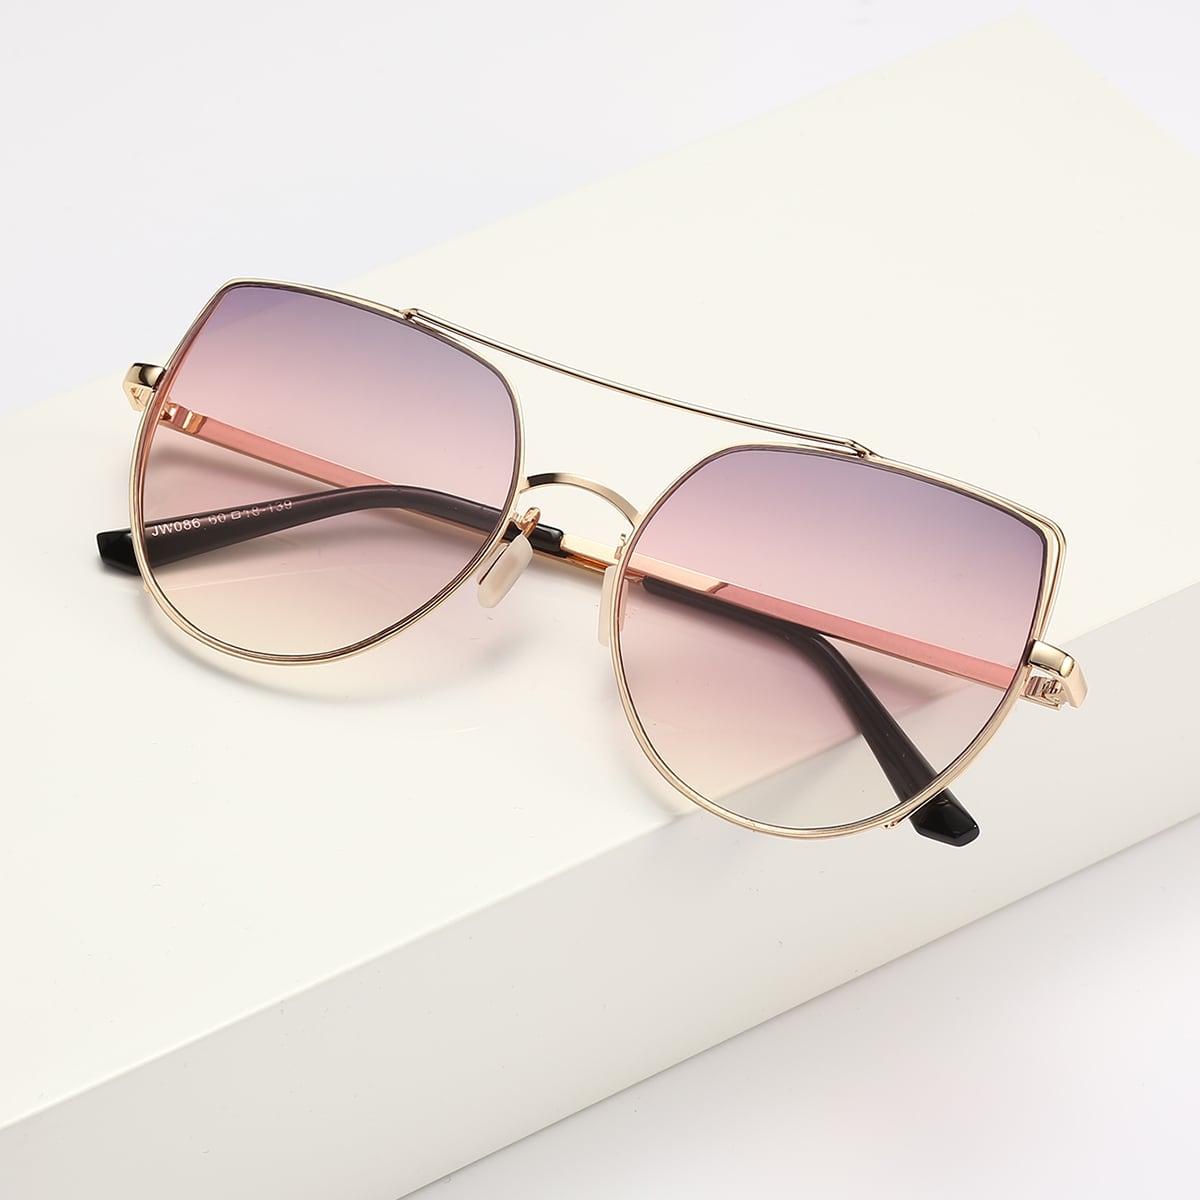 Солнечные очки в металлической оправе фото